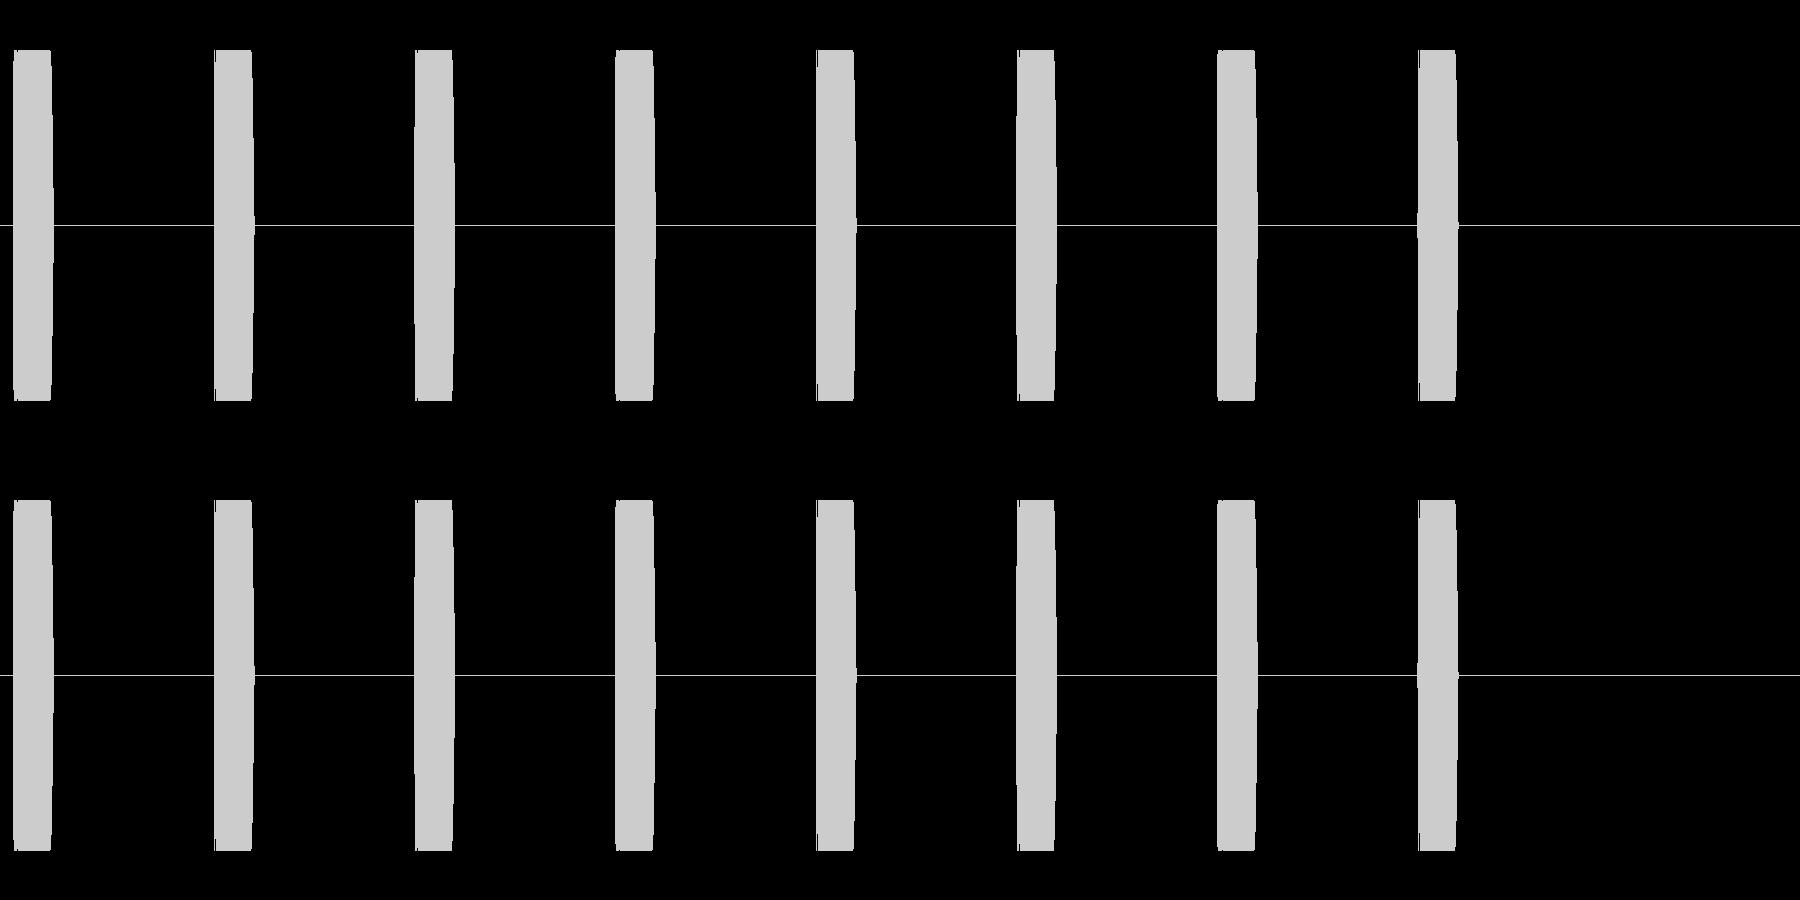 コミカルな足音 B-1-3の未再生の波形